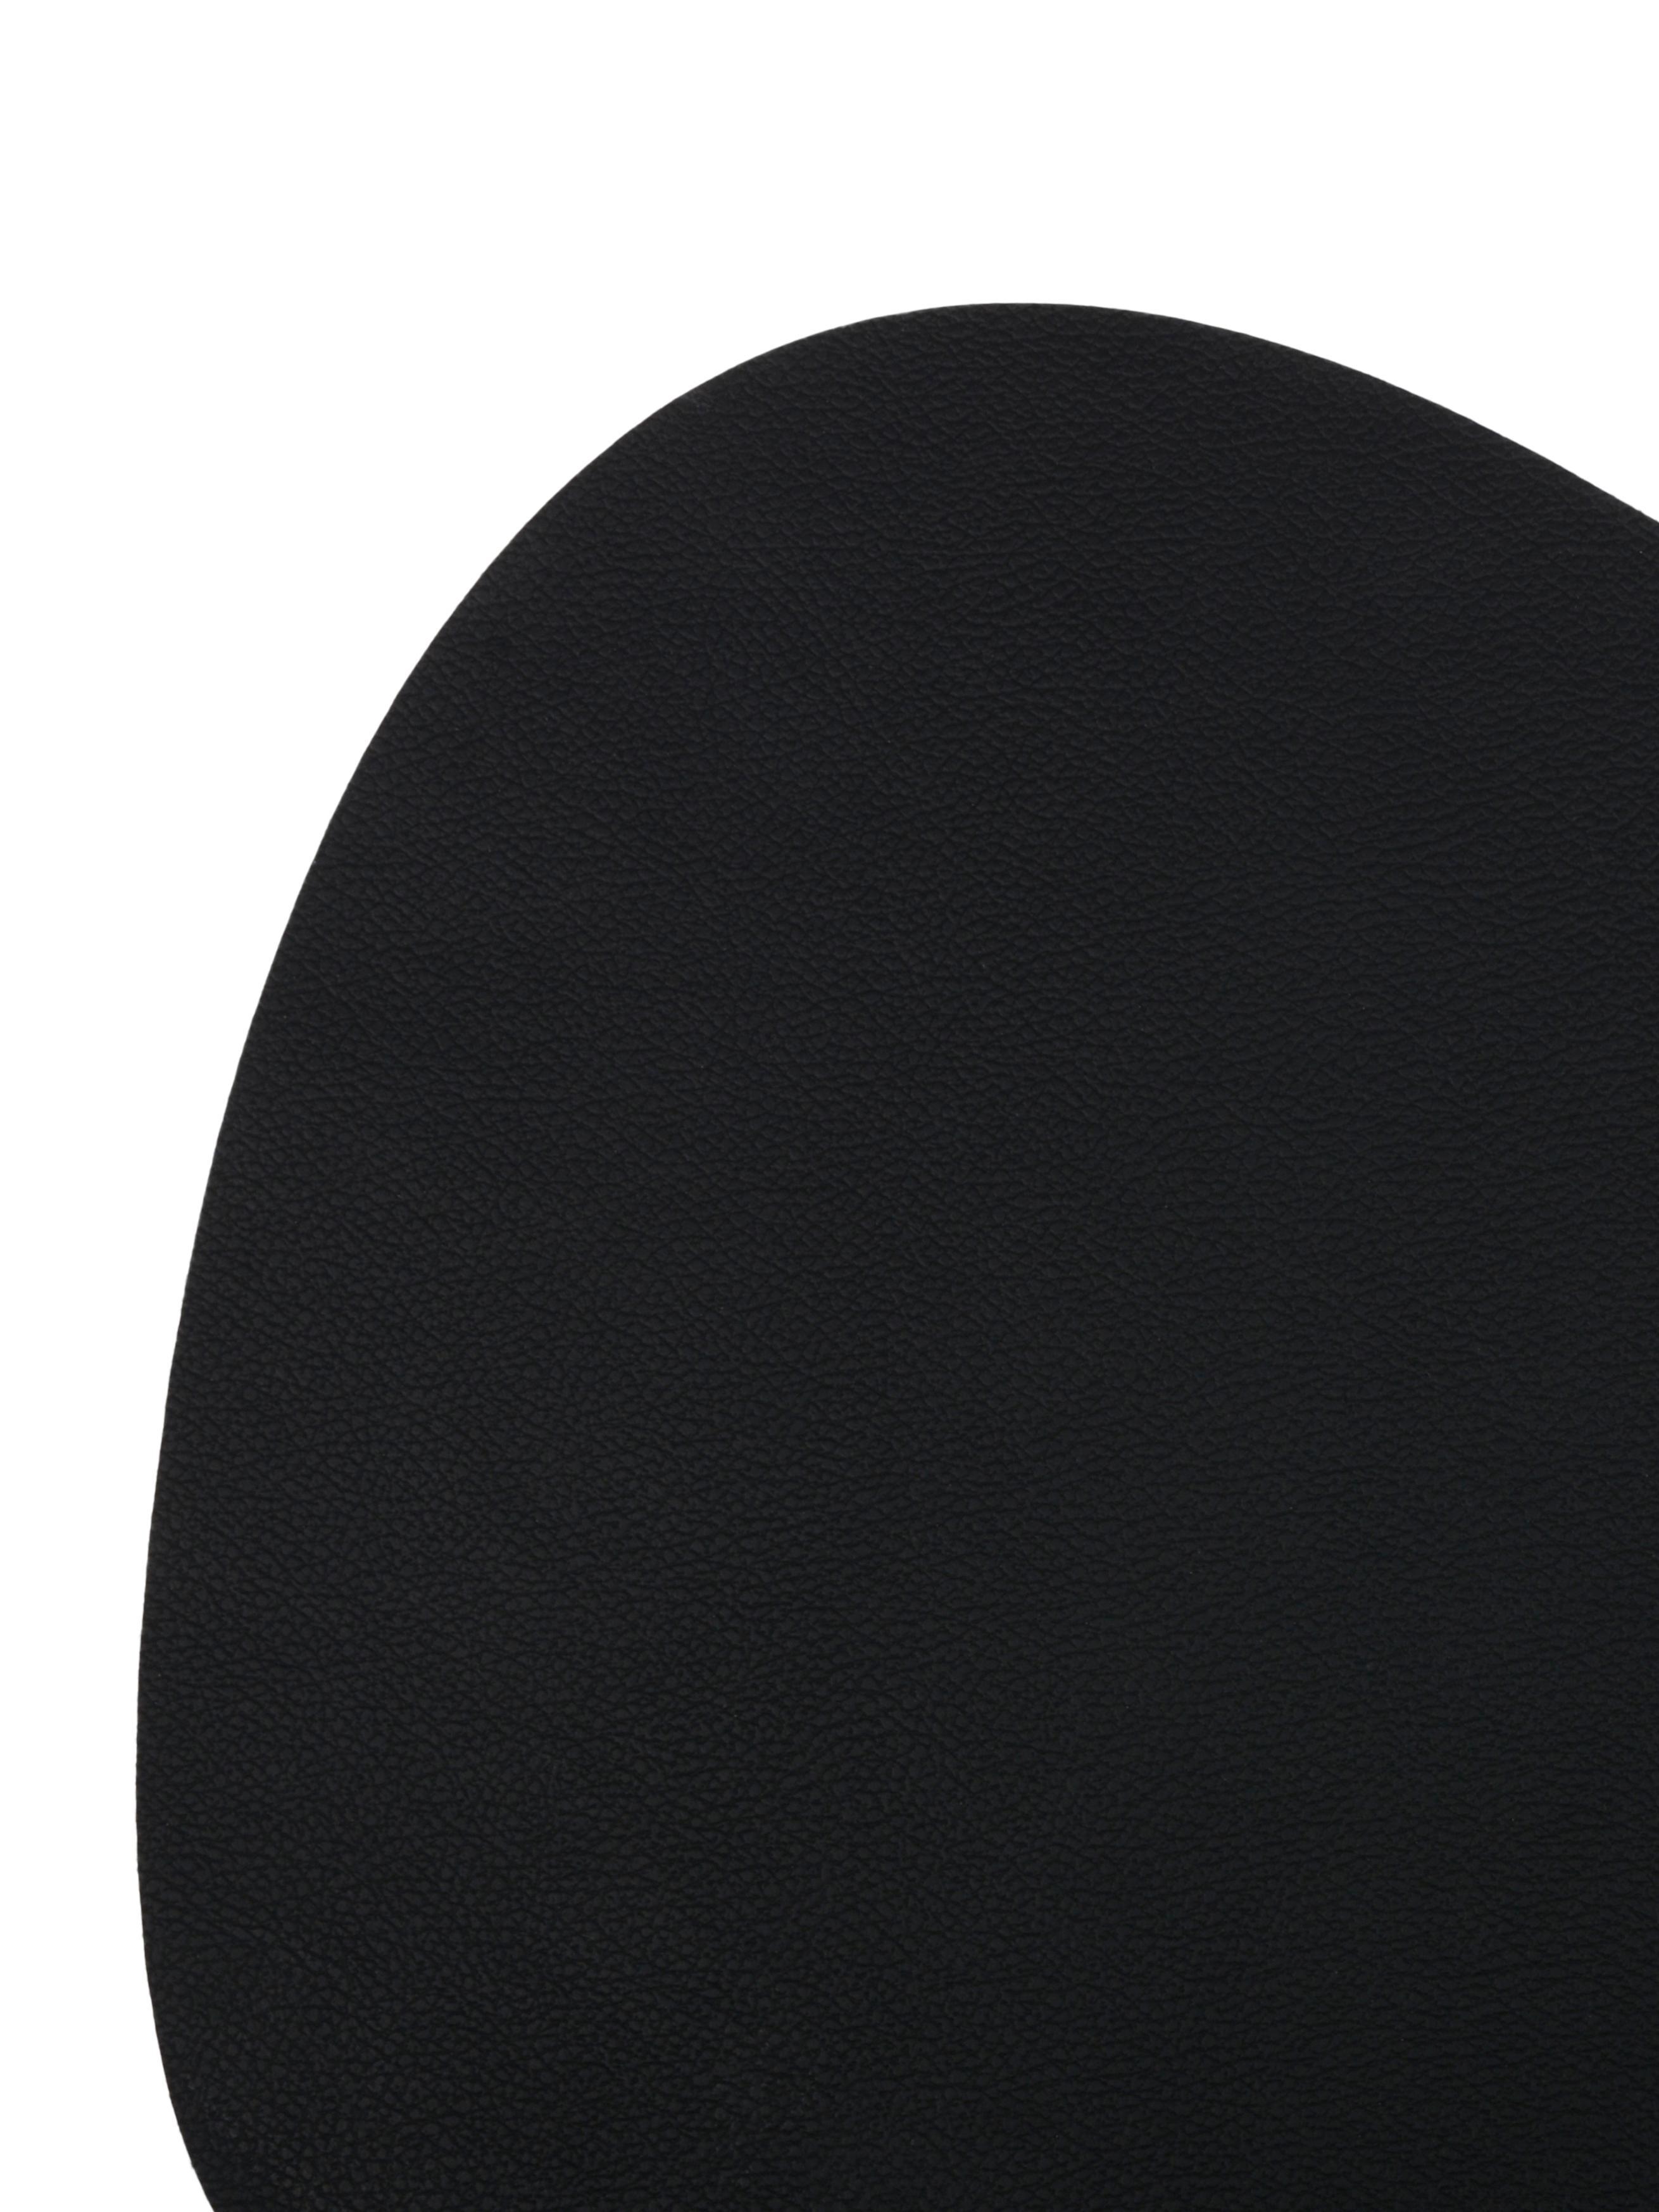 Ovale Kunstleder-Tischsets Leni, 2 Stück, Kunstleder, Schwarz, 33 x 40 cm